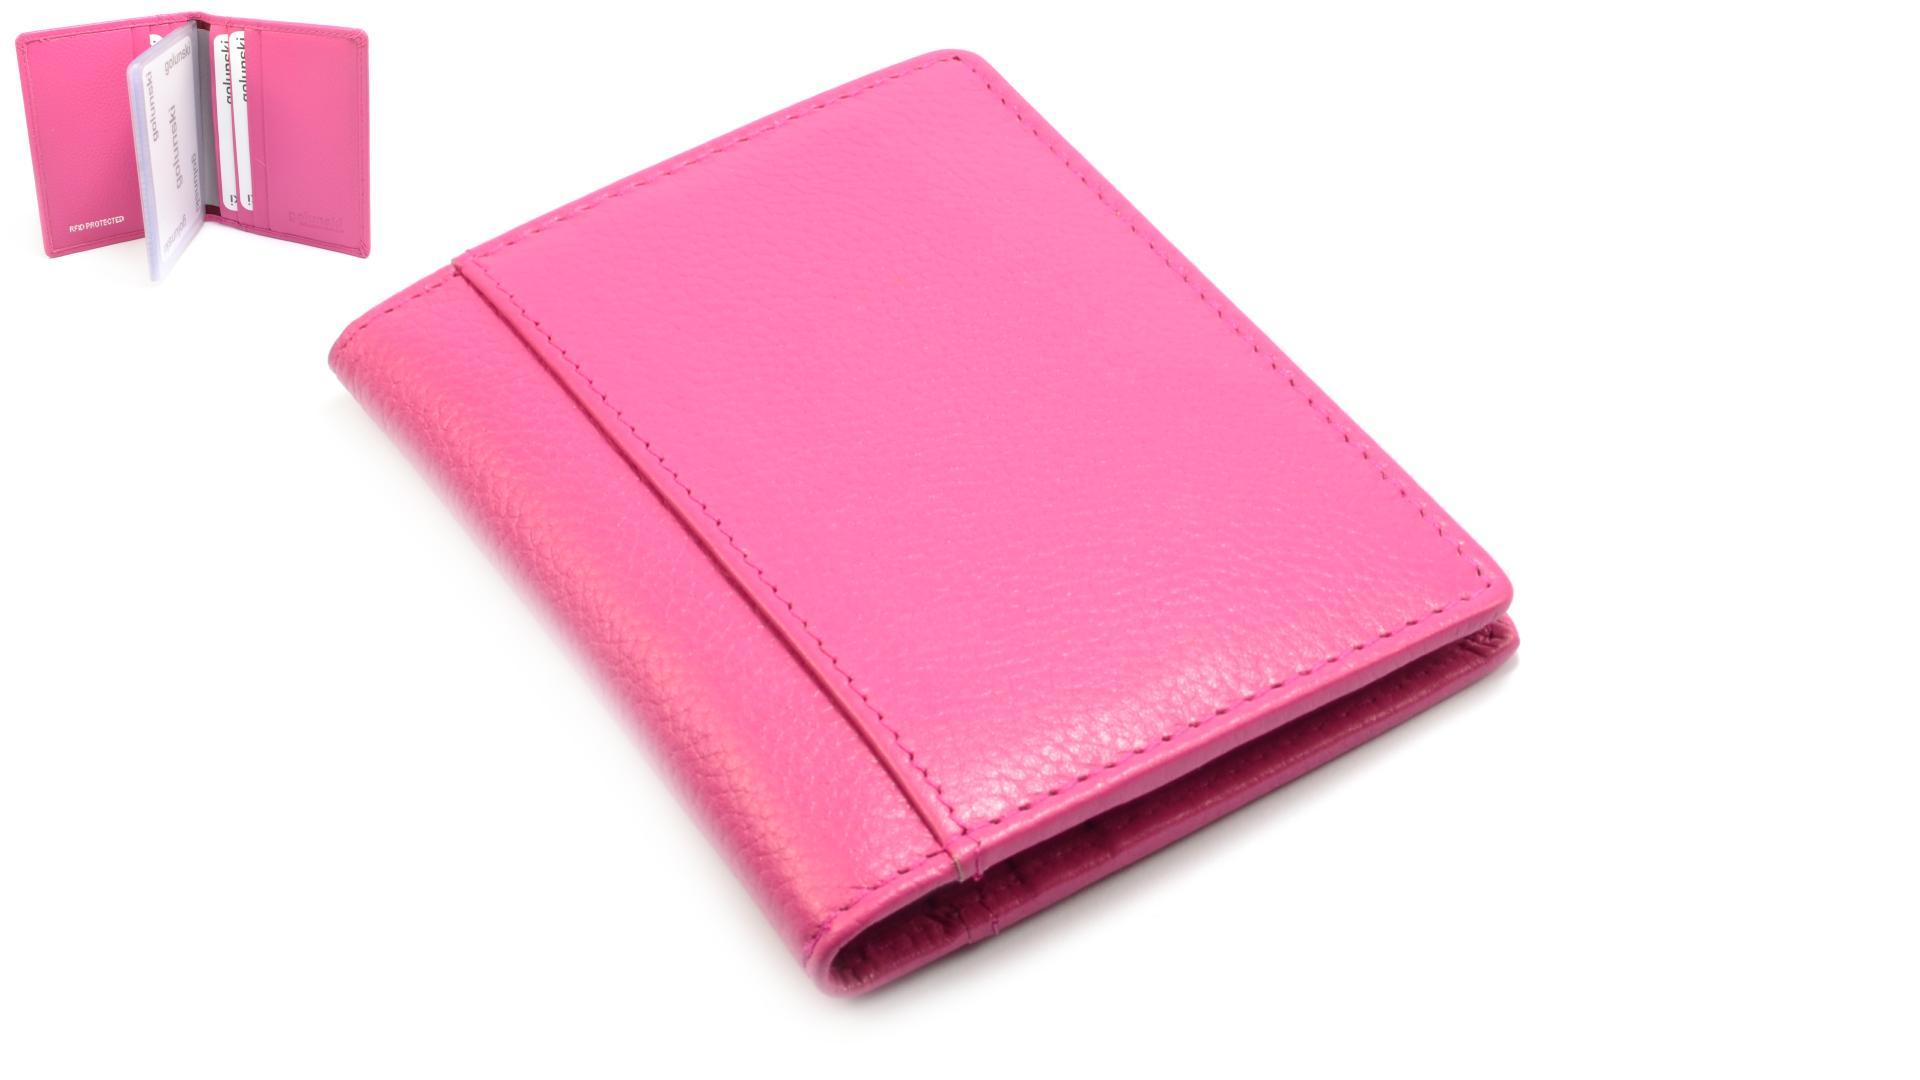 Golunski Pouzdro na karty růžové